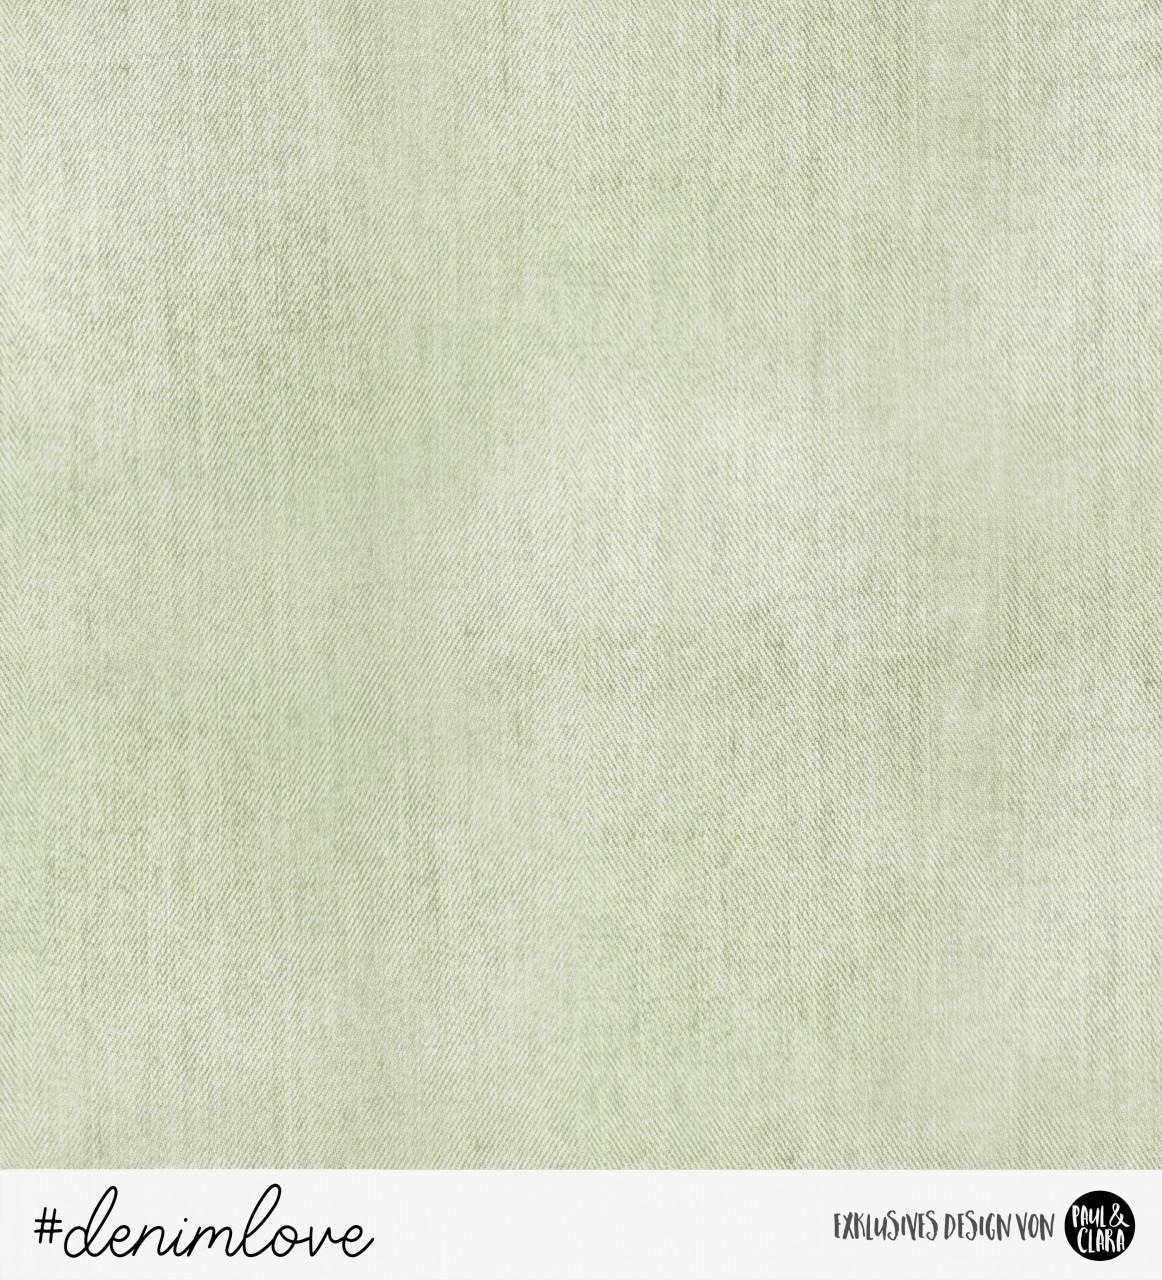 73 cm RESTSTÜCK-denimlove  - Jeans Hellgrün *Bio-Sommersweat*-